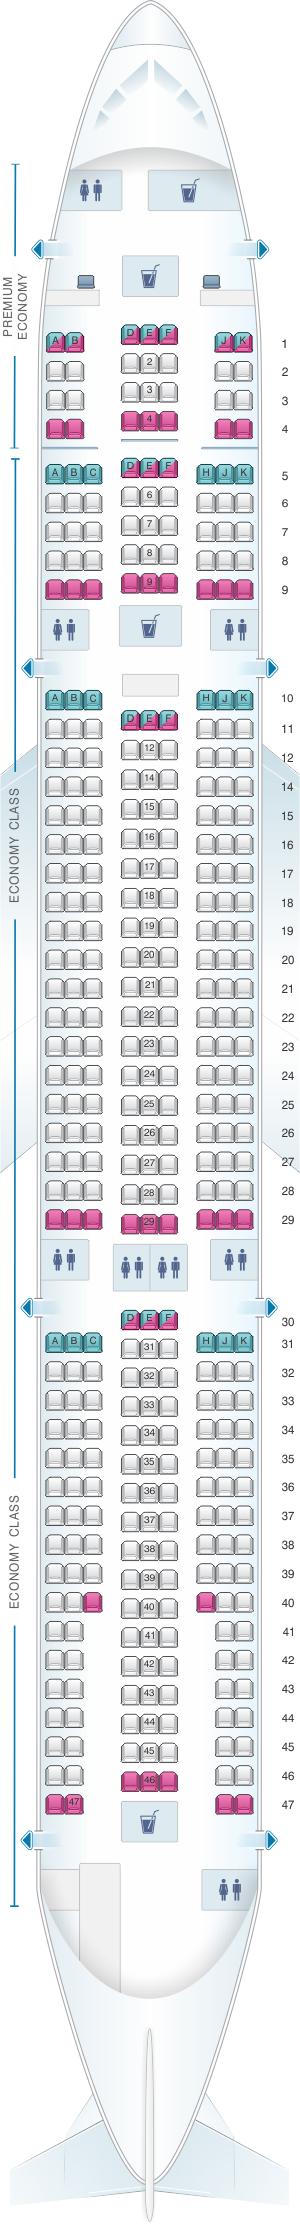 Seat map for Air Caraibes Airbus A330 300 378PAX